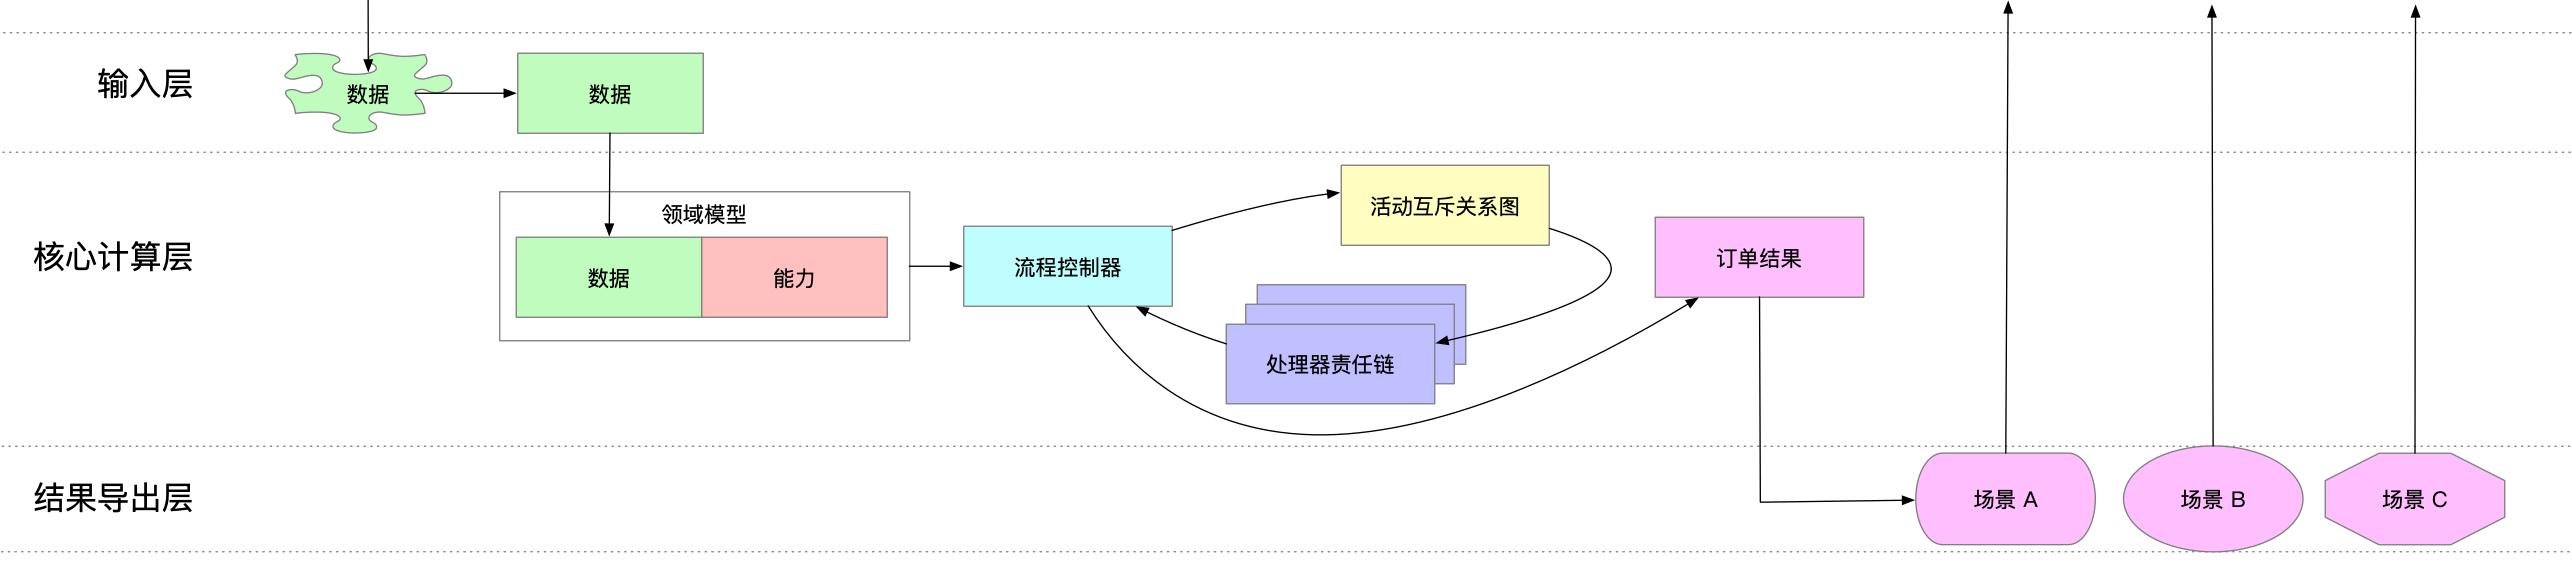 image-20200112214603268